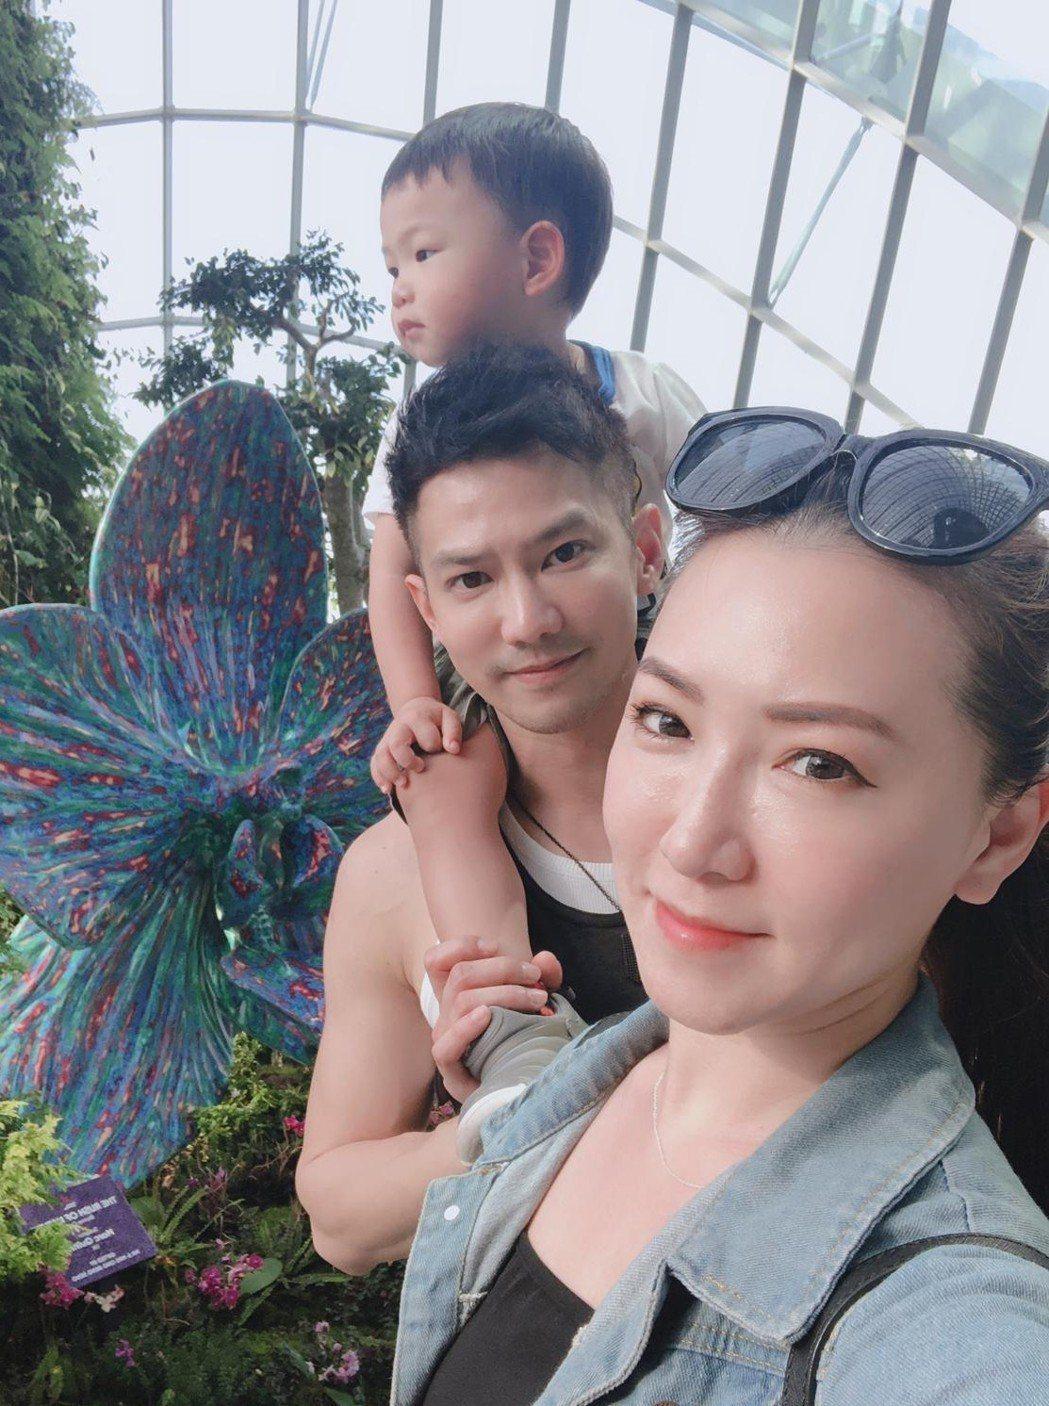 鄒承恩和老婆、兒子一家三口很幸福。圖/霍爾果斯天寶影業提供